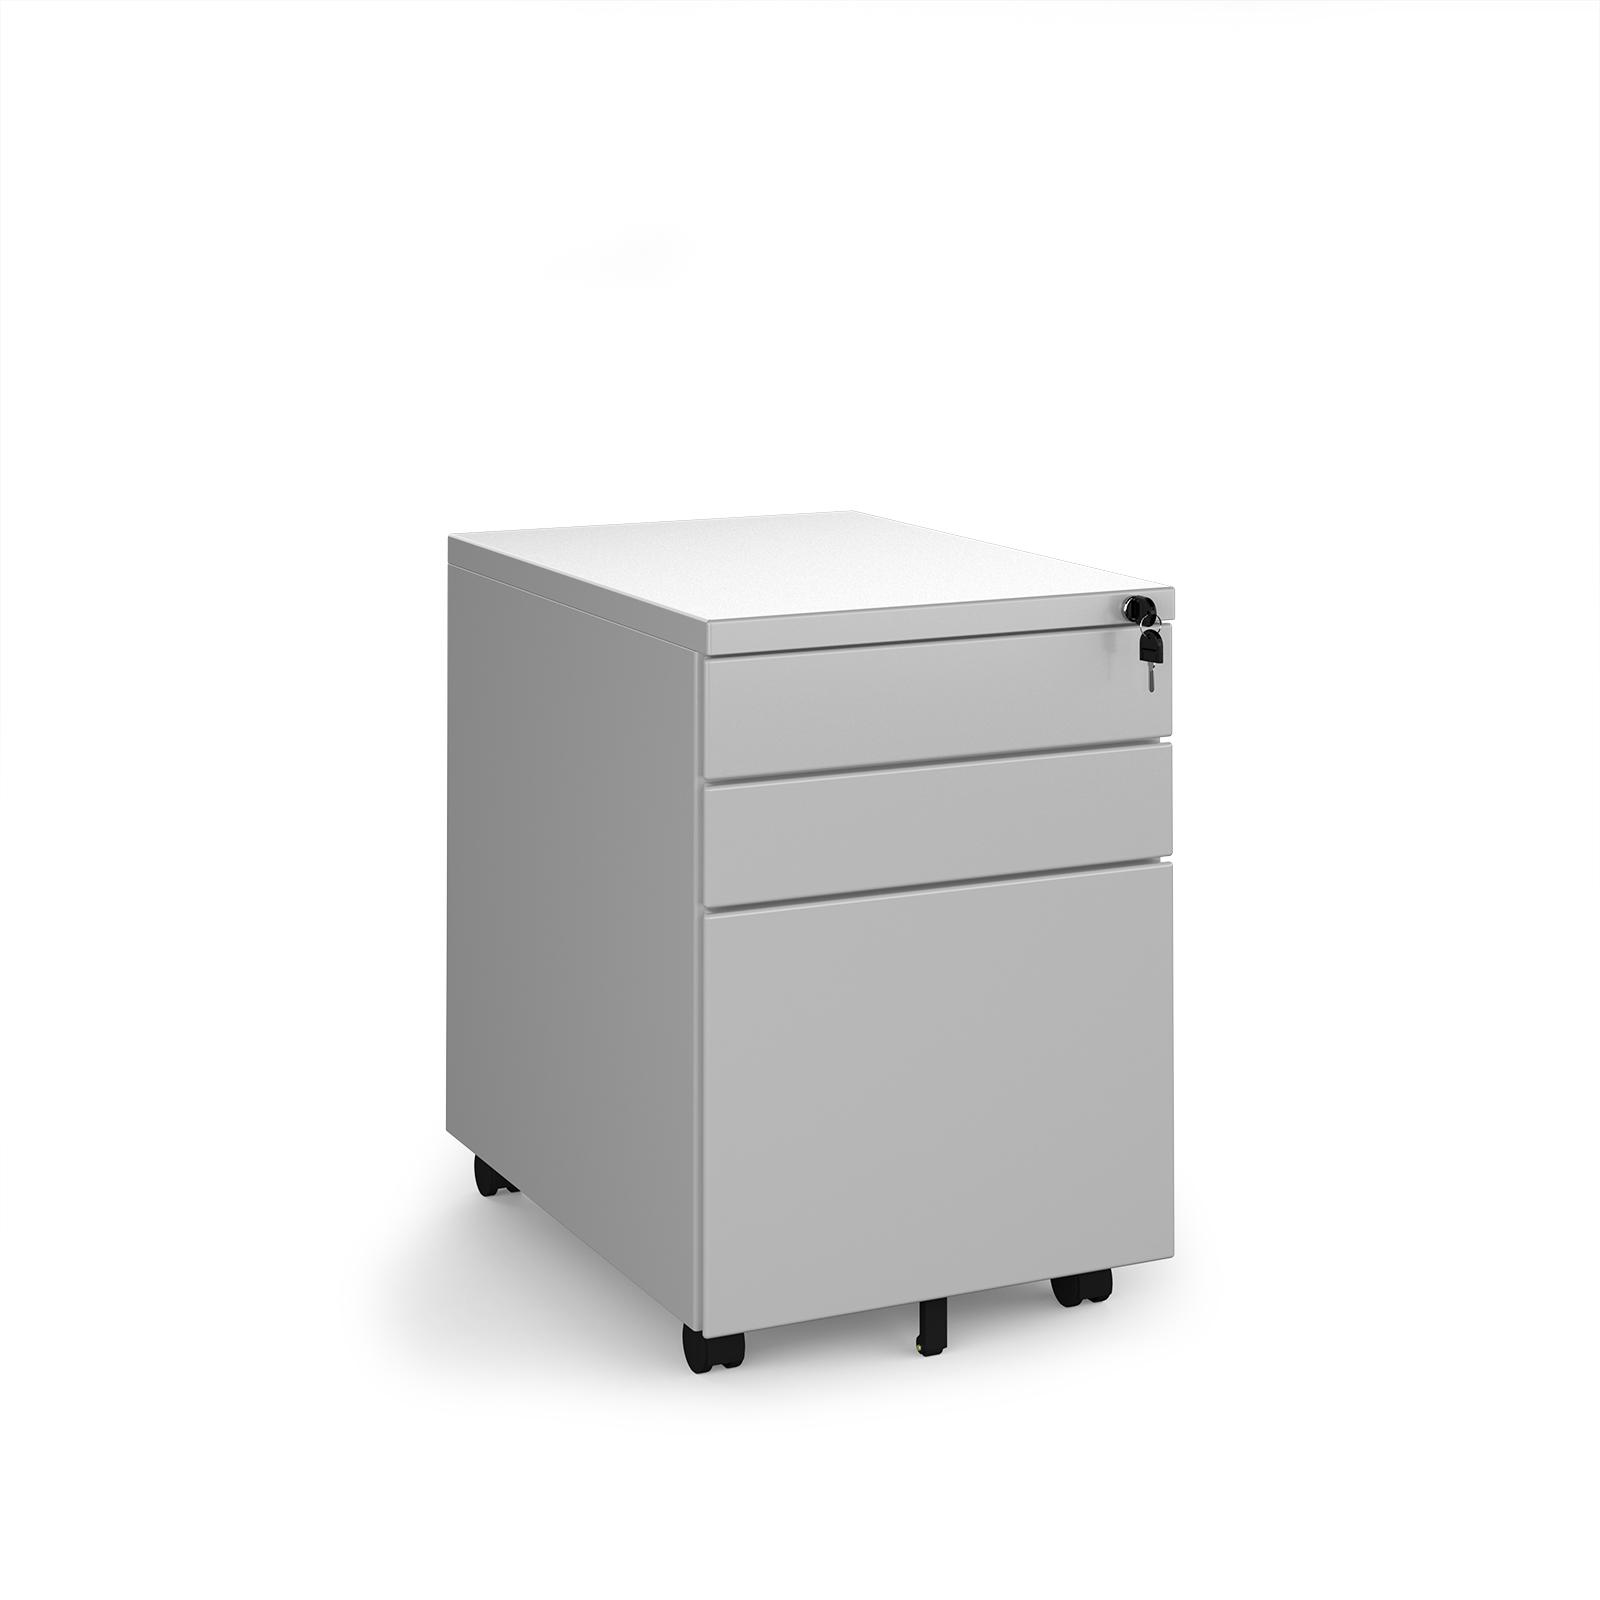 Desk Drawers Steel 3 drawer wide mobile pedestal - silver